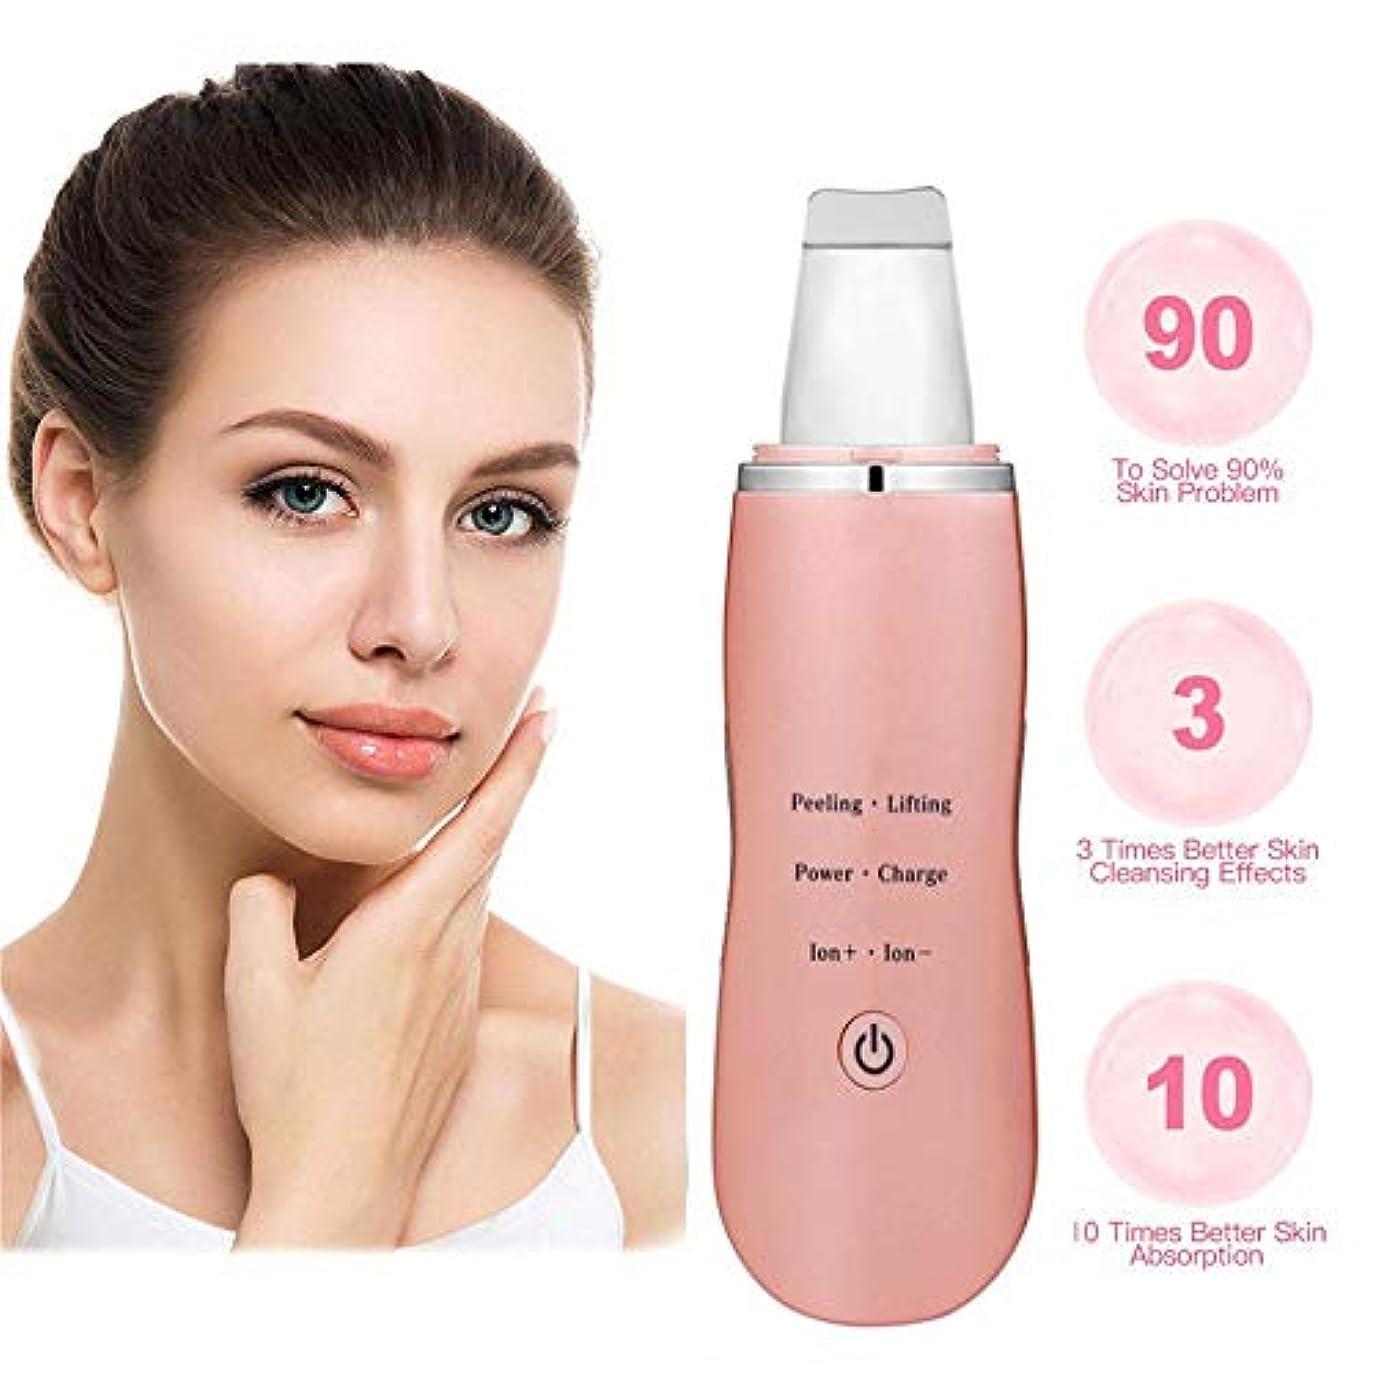 争いきつく計算する肌研削顔の皮膚超音波クレンジングシャベル、にきびにきび深いクレンジング毛穴汚れUSB充電式防水毛穴クリーナーフェイシャルリフティングツール (Color : ピンク)